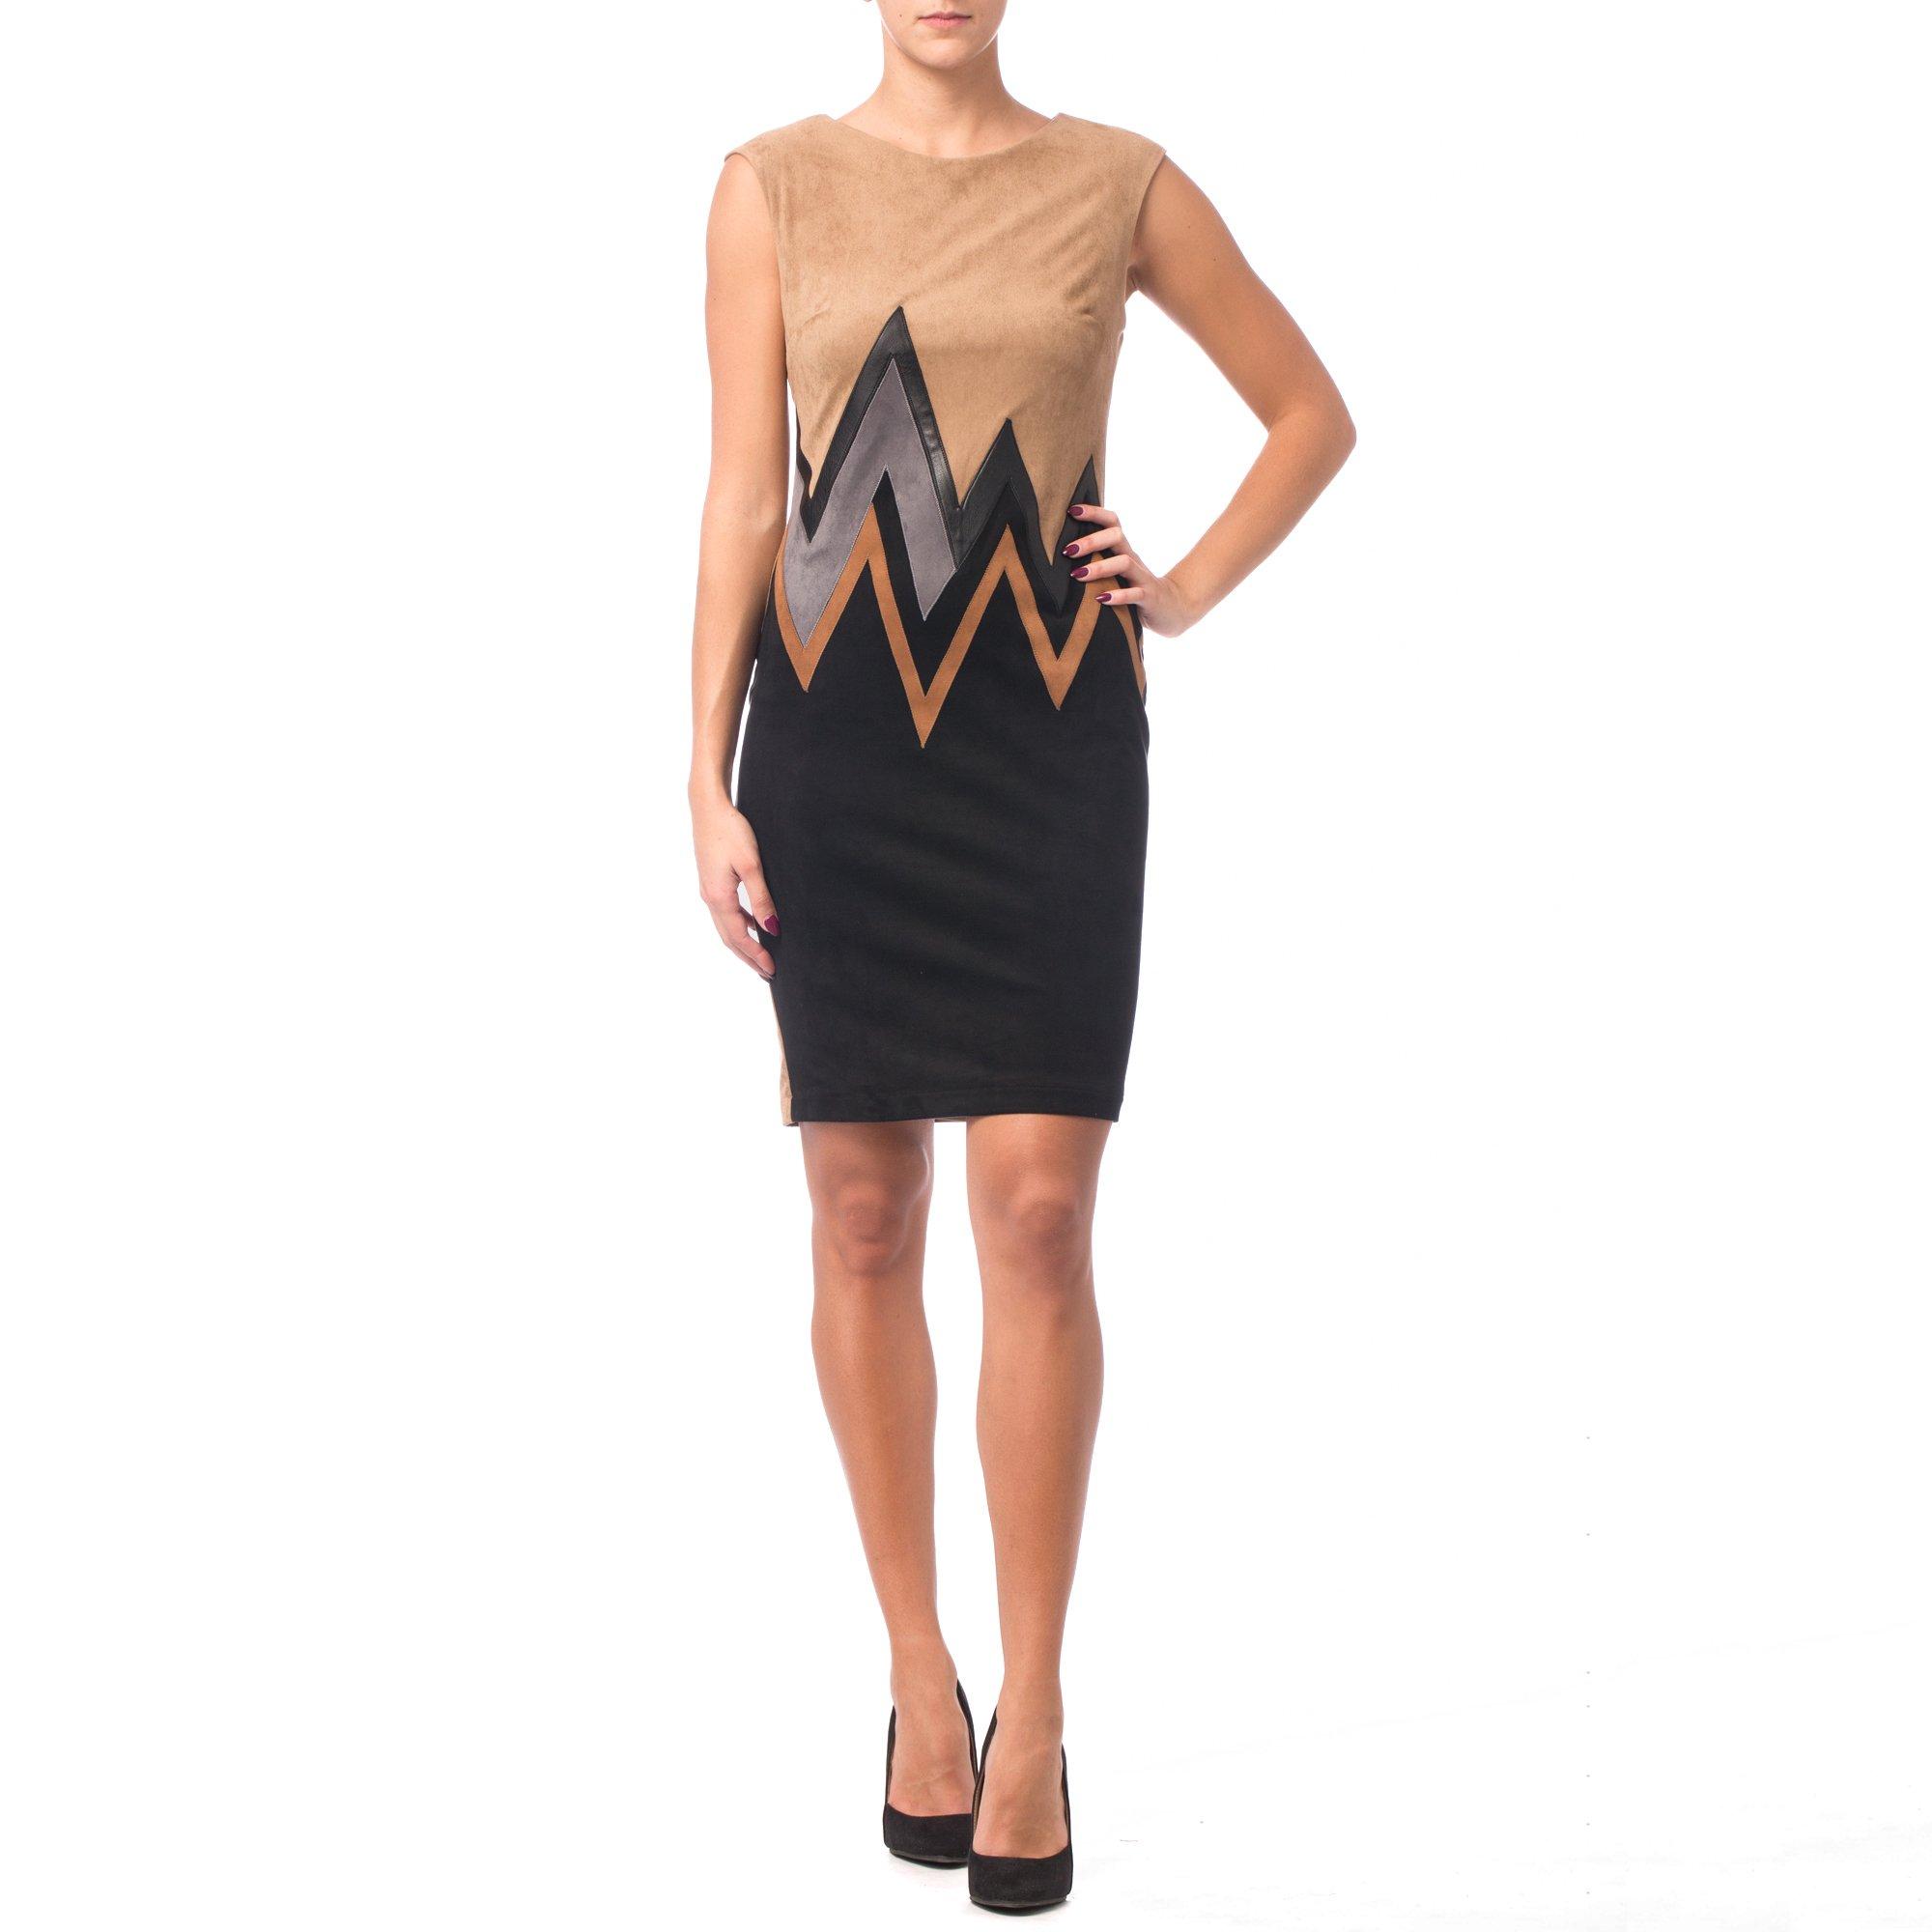 Joseph Ribkoff Beige & Black Faux Suede Zig Zag Pattern Dress Style 164445 (4)